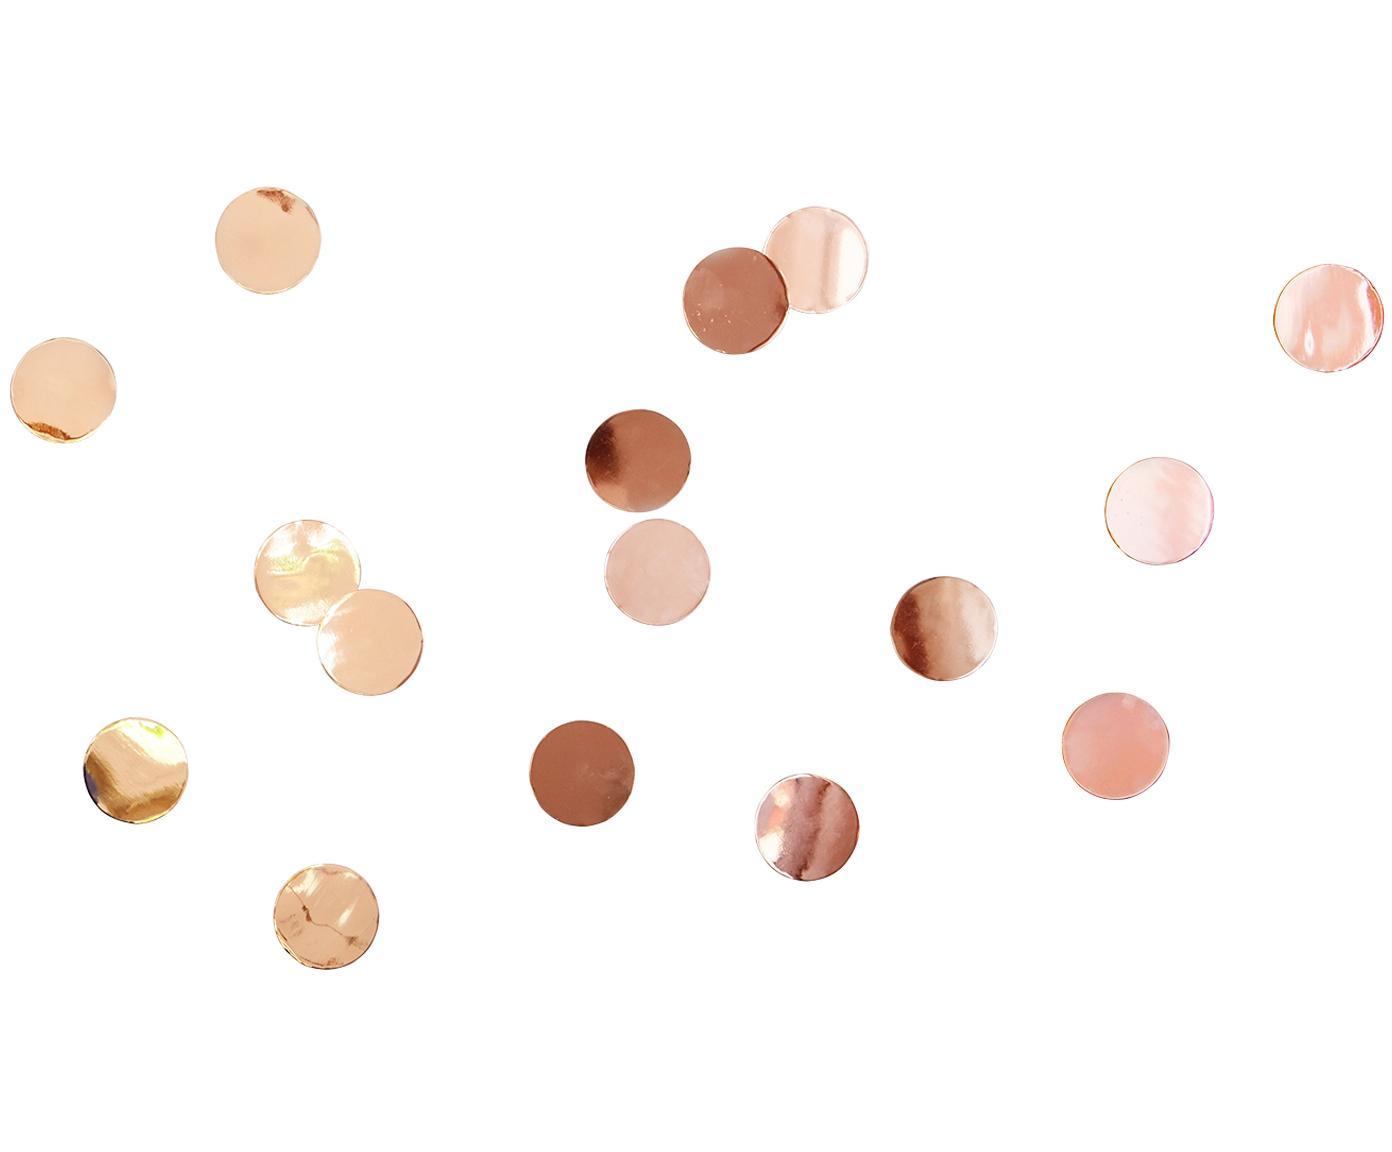 Wanddecoratieset Confetti Dots van metaal, 16-delig, Metaal, Koperkleurig, Ø 7 cm